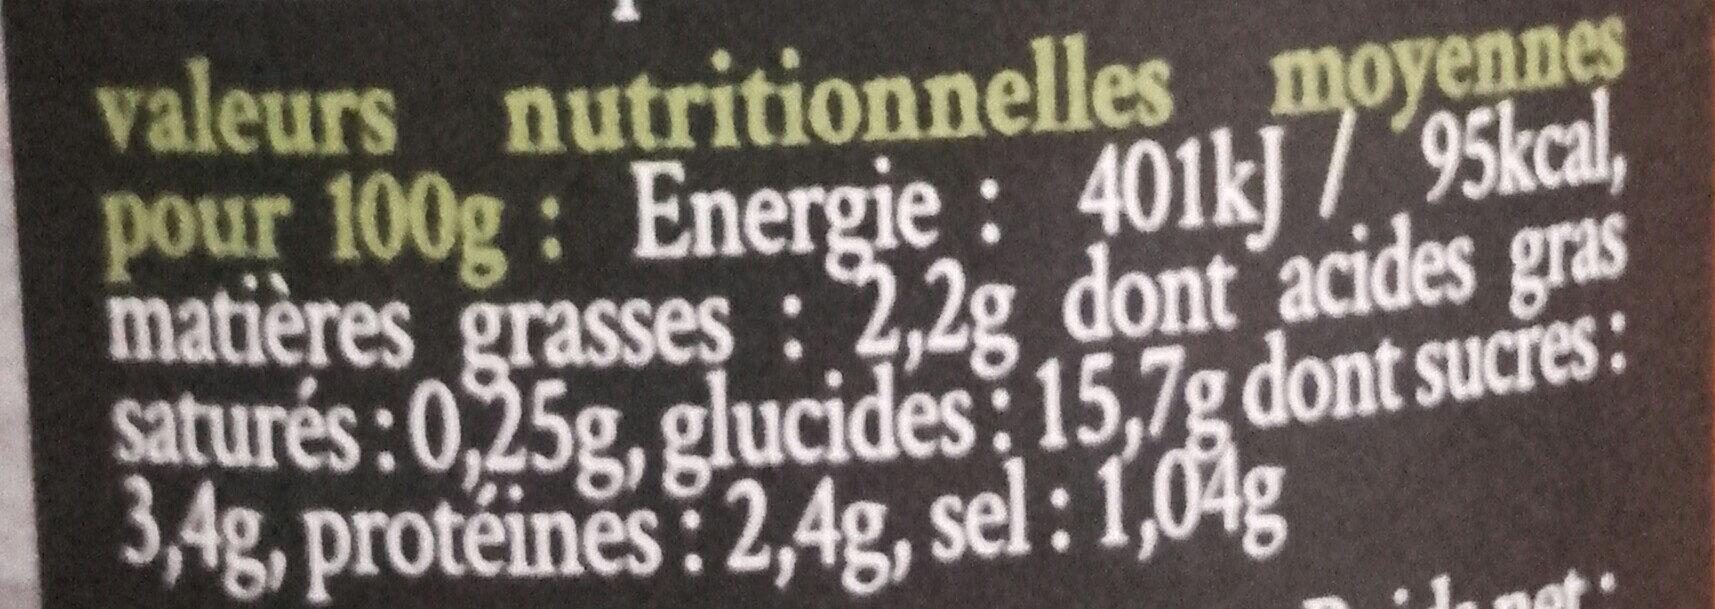 Raviolis vegetariens - Voedingswaarden